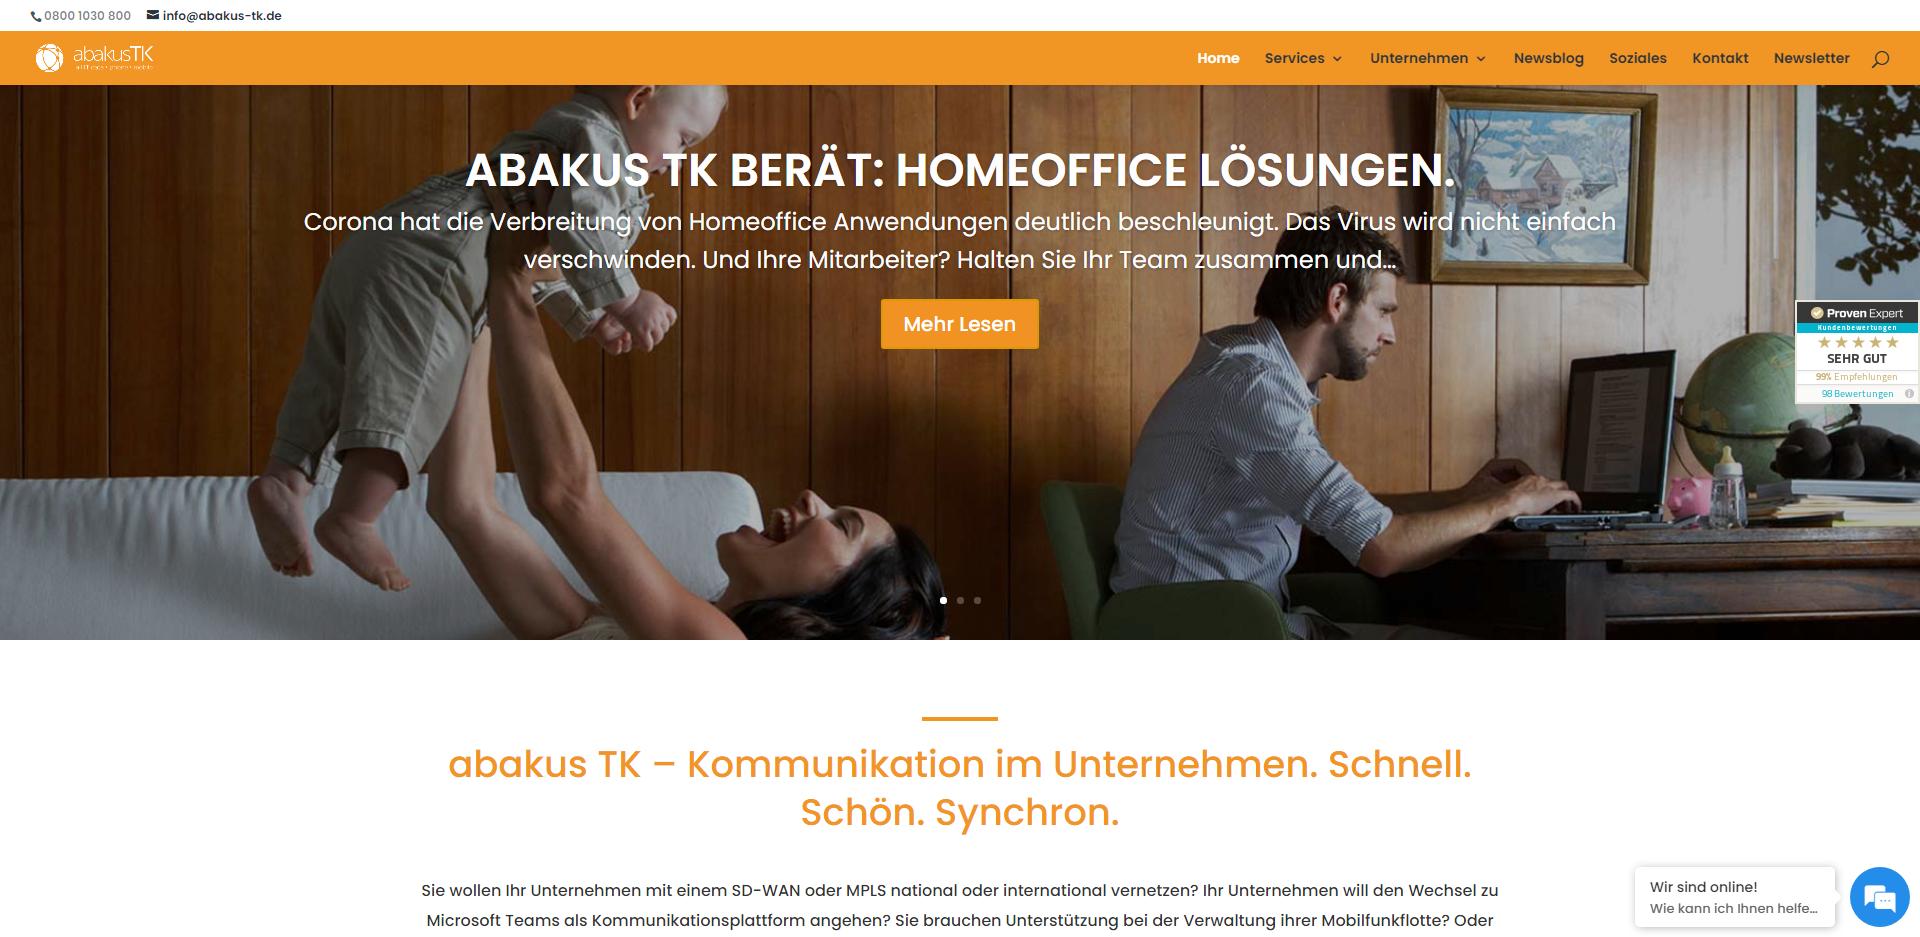 Website Abakus TK